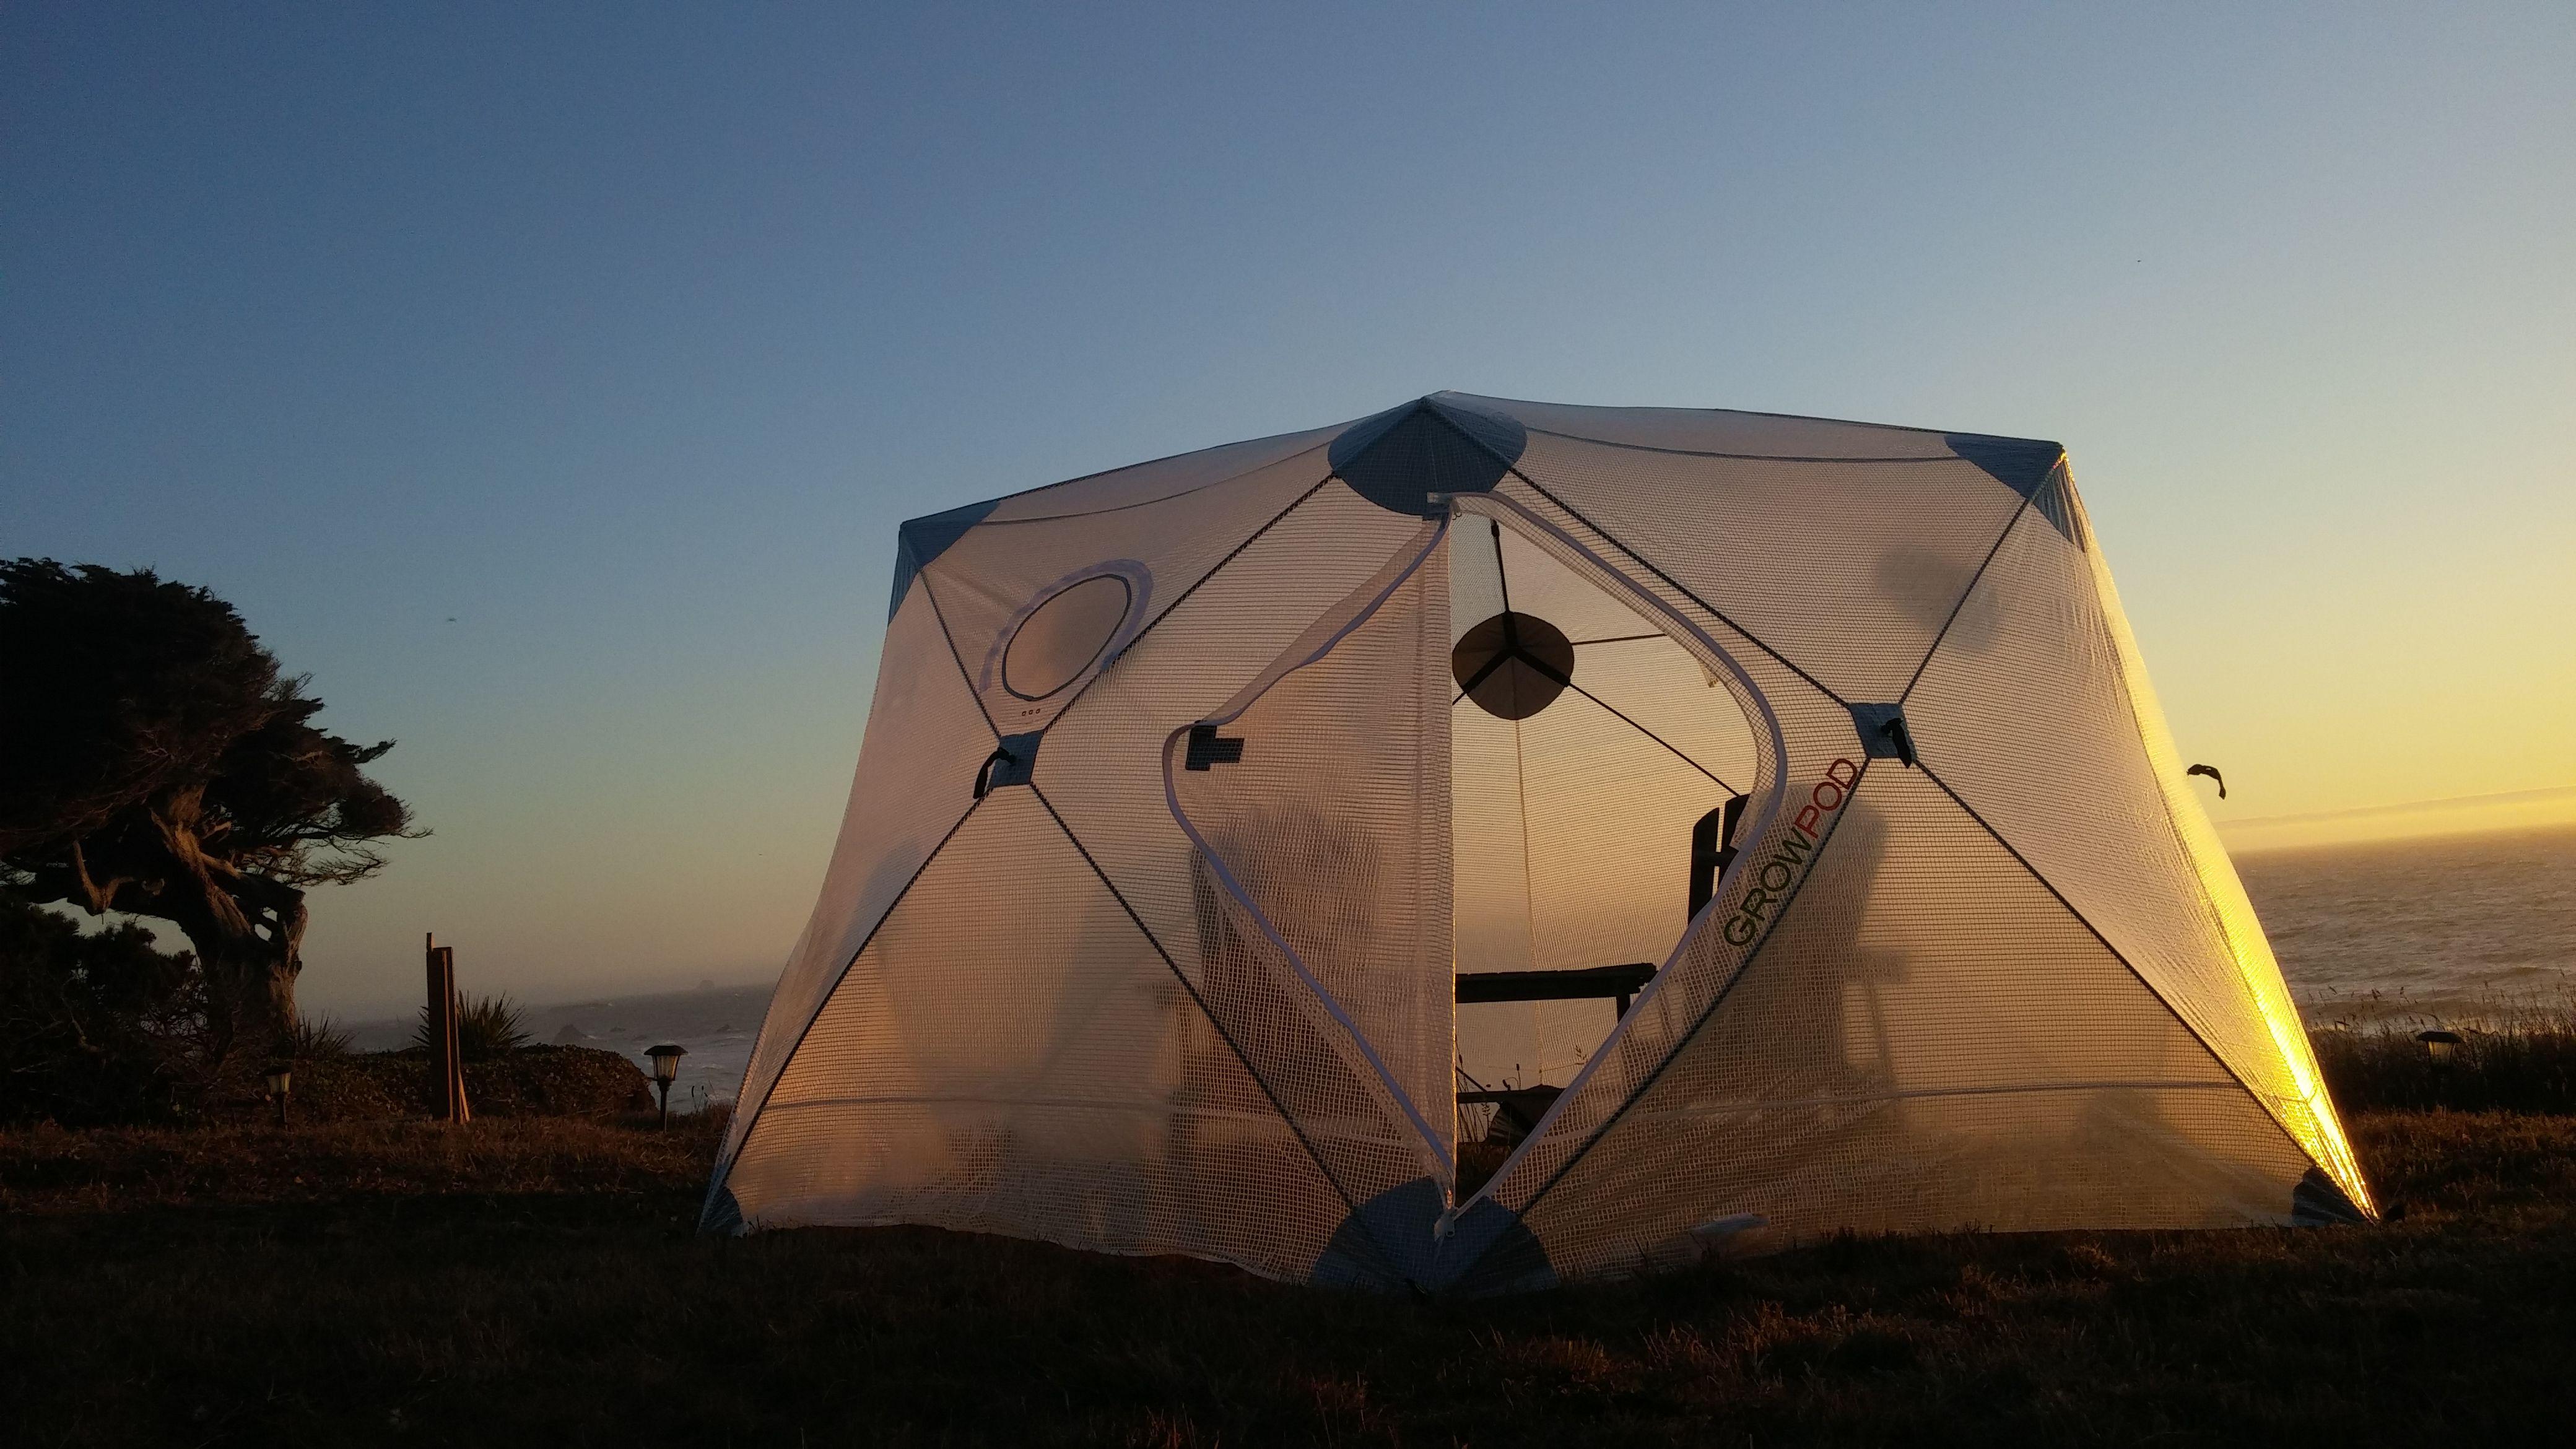 Shift Pod - GROW POD shelterpod Shelter emergency response festival tent  & Shift Pod - GROW POD shelterpod Shelter emergency response ...